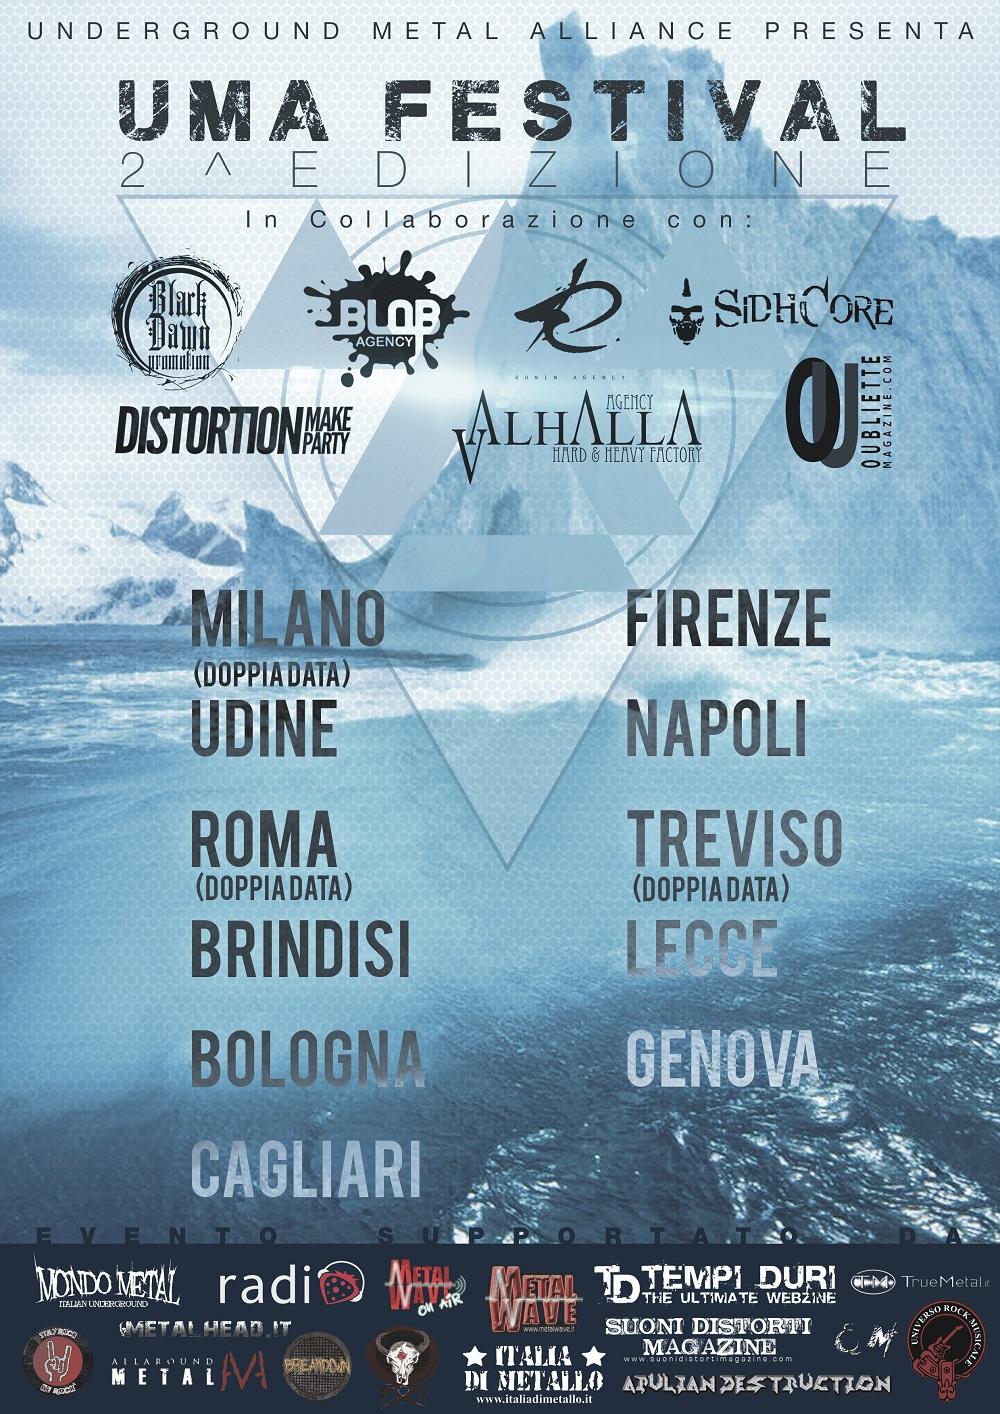 II Edizione dell'Uma Fest: l'Underground Metal Alliance con 14 concerti in giro per l'Italia